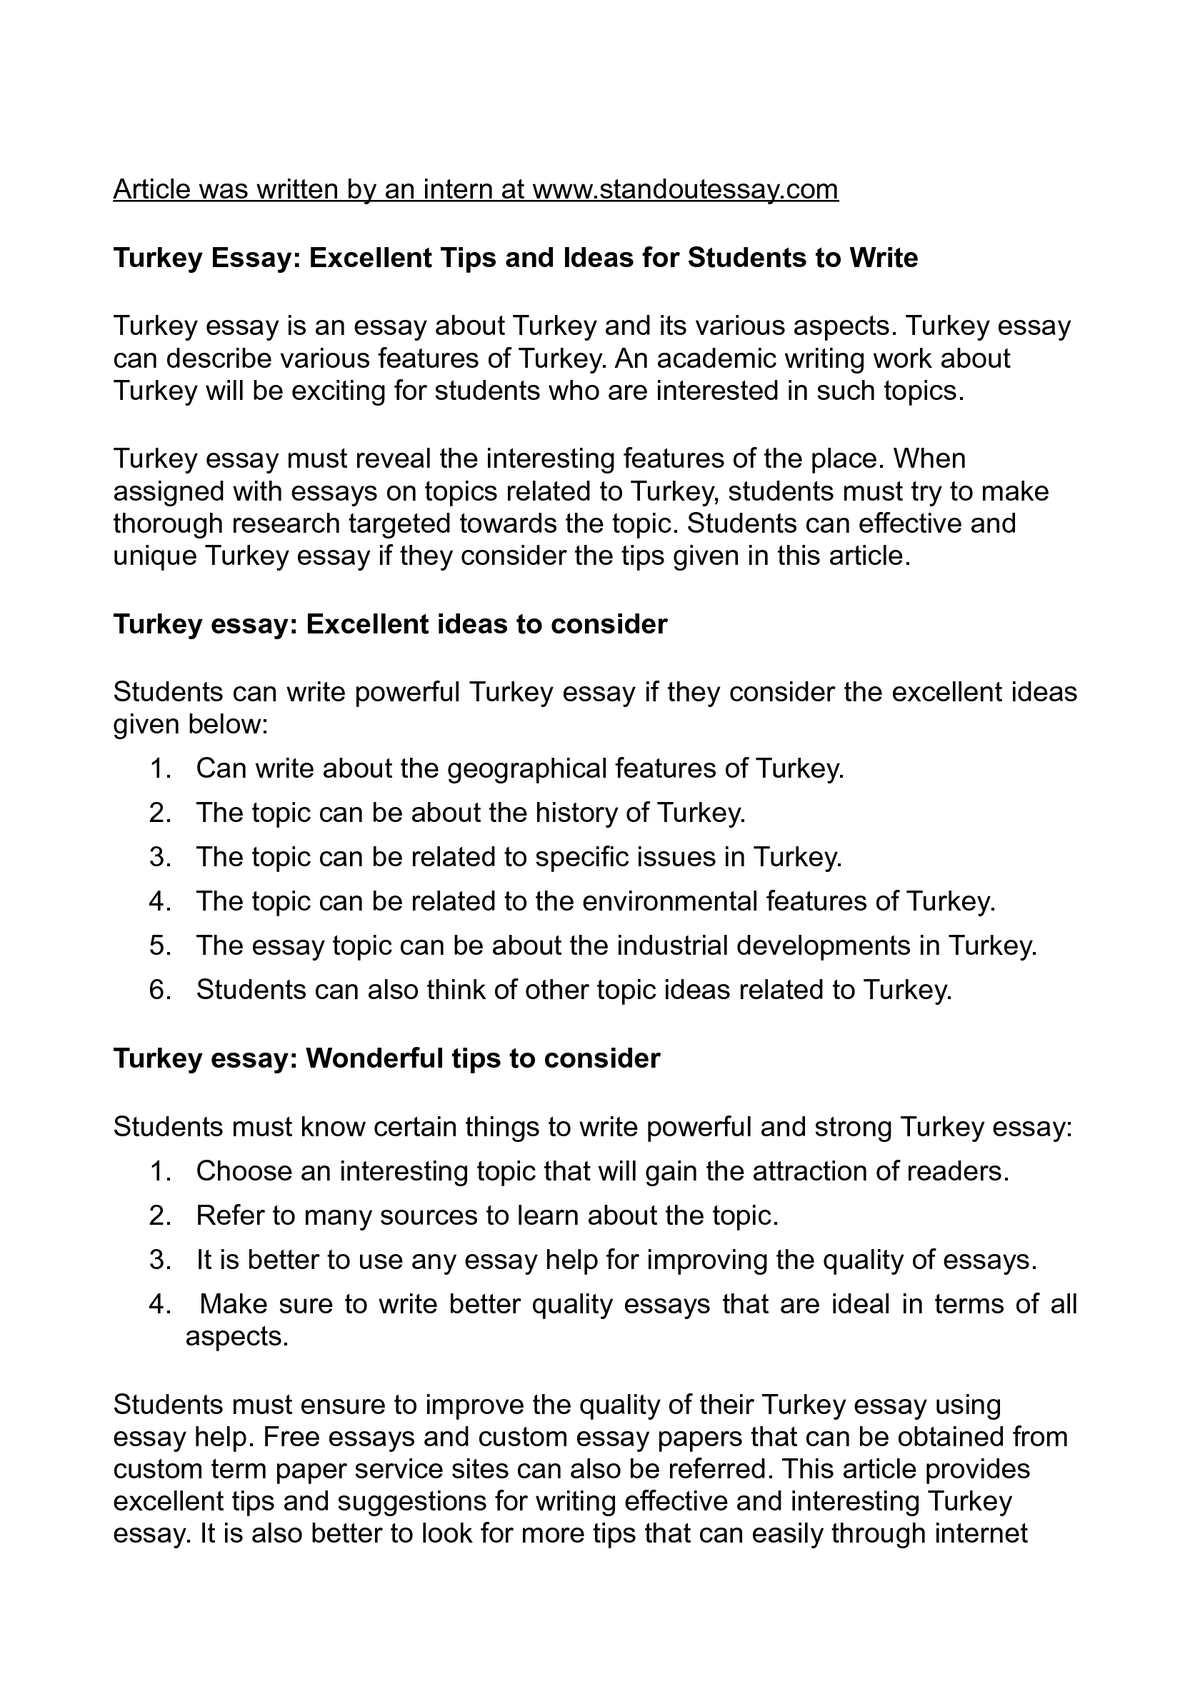 top 5 essay topics and tips